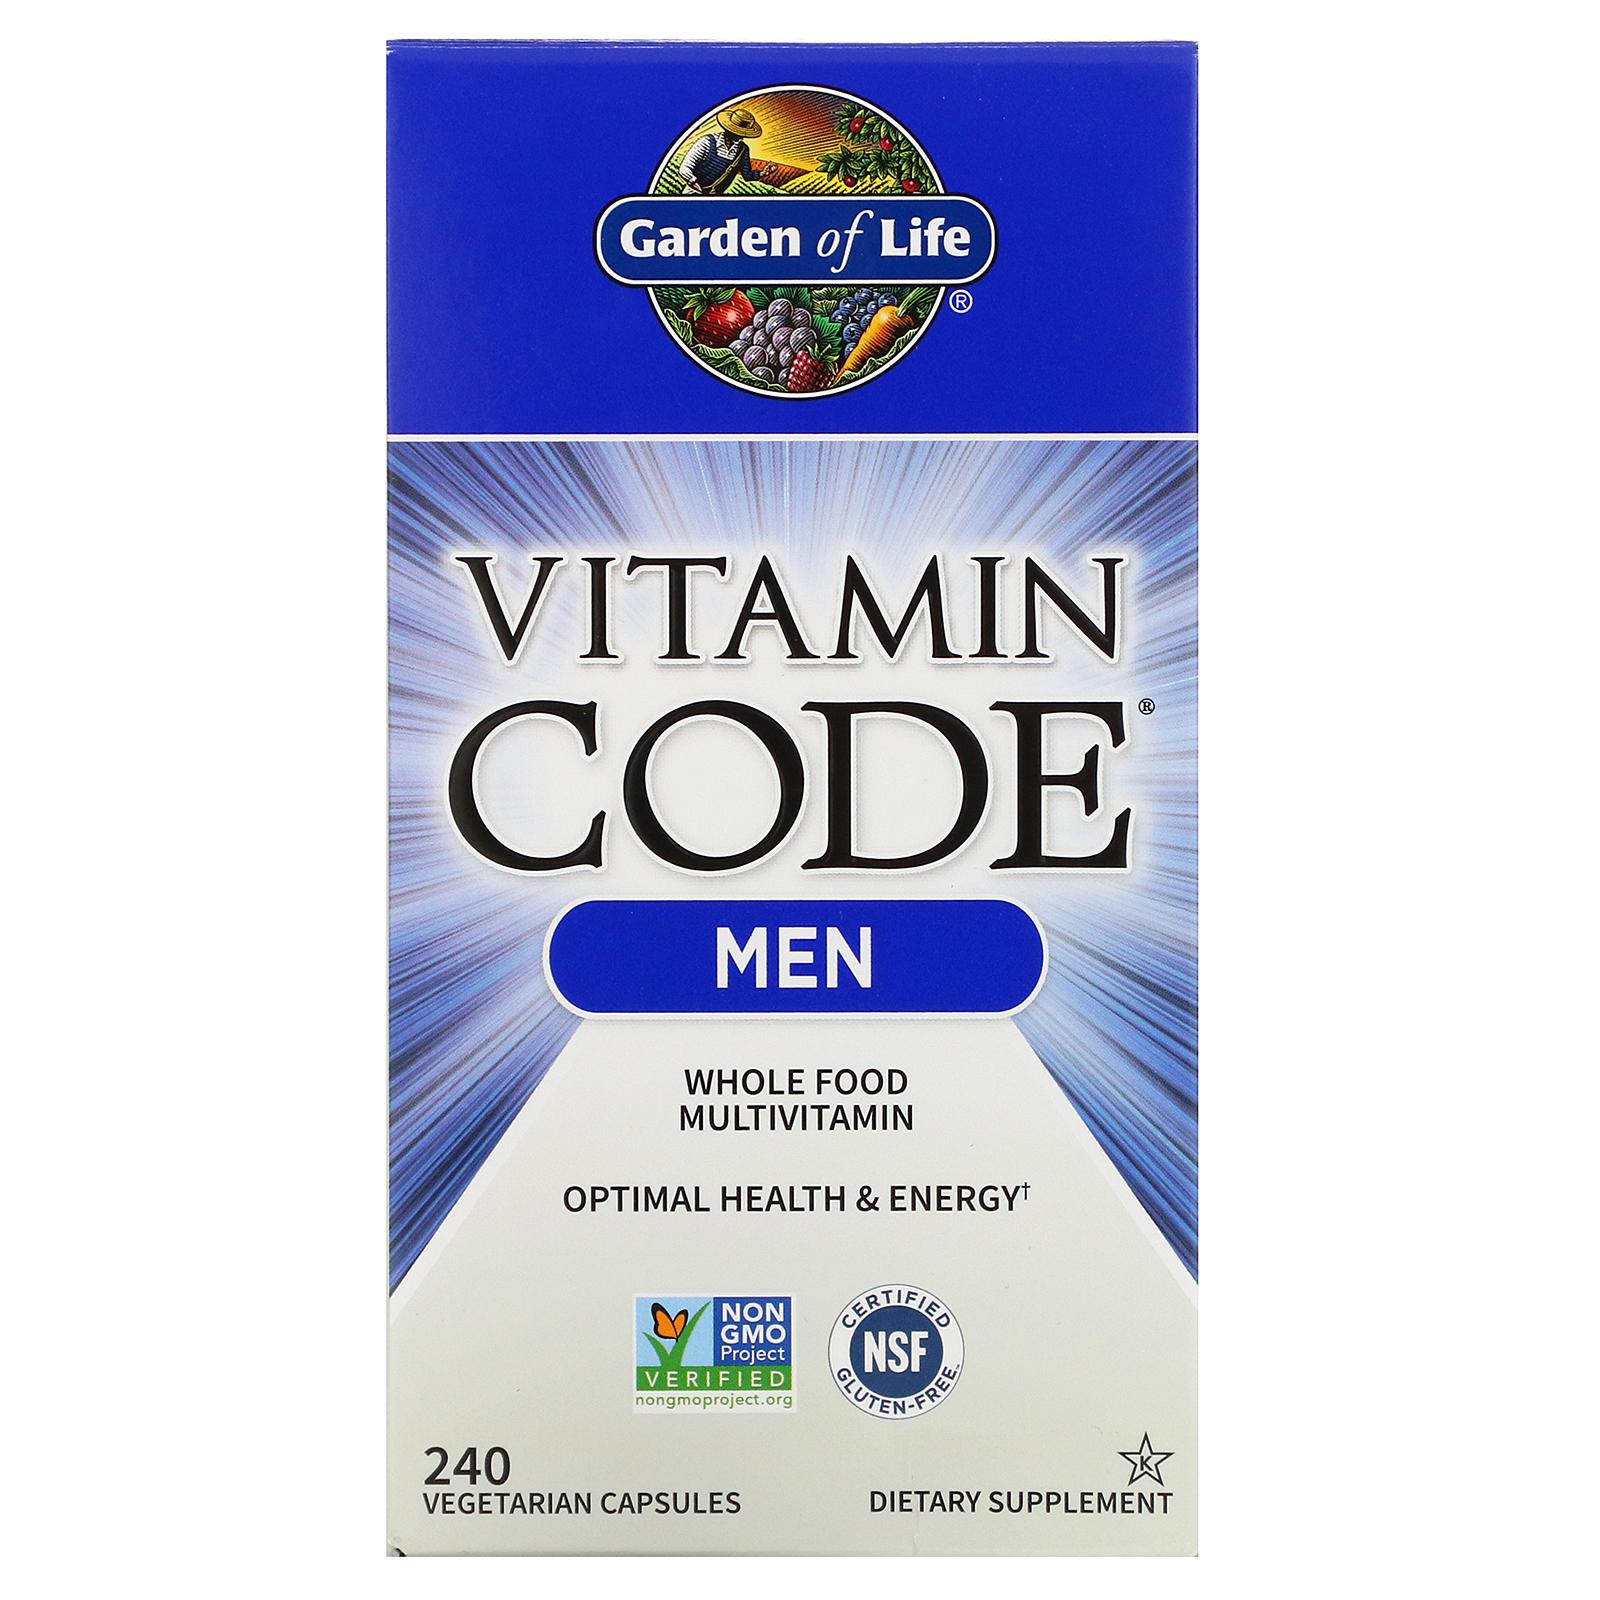 فيتامين كود فيتامين كود للنساء فيتامين كود للشعر مكونات فيتامين كود Vitamin Code سعر فيتامين كود للرجال النهدي فيتامين كود في مصر فيتامين كود الزنك فيتامين Vitamin Code